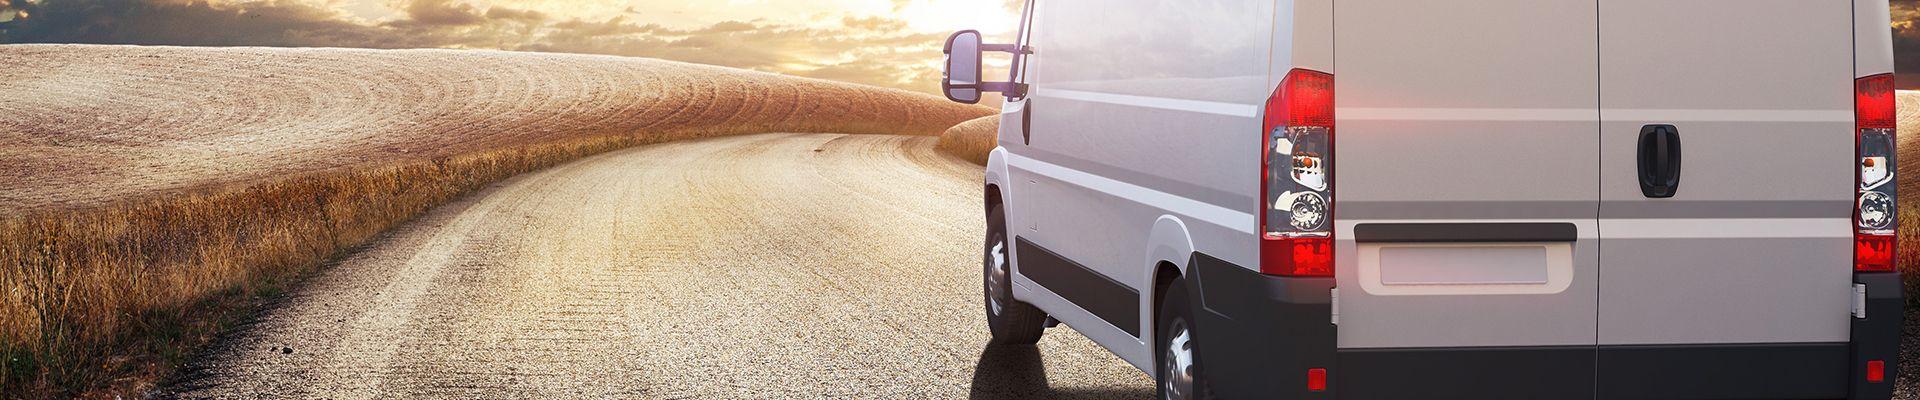 Warranty Hero Result - Vans Northwest Ltd